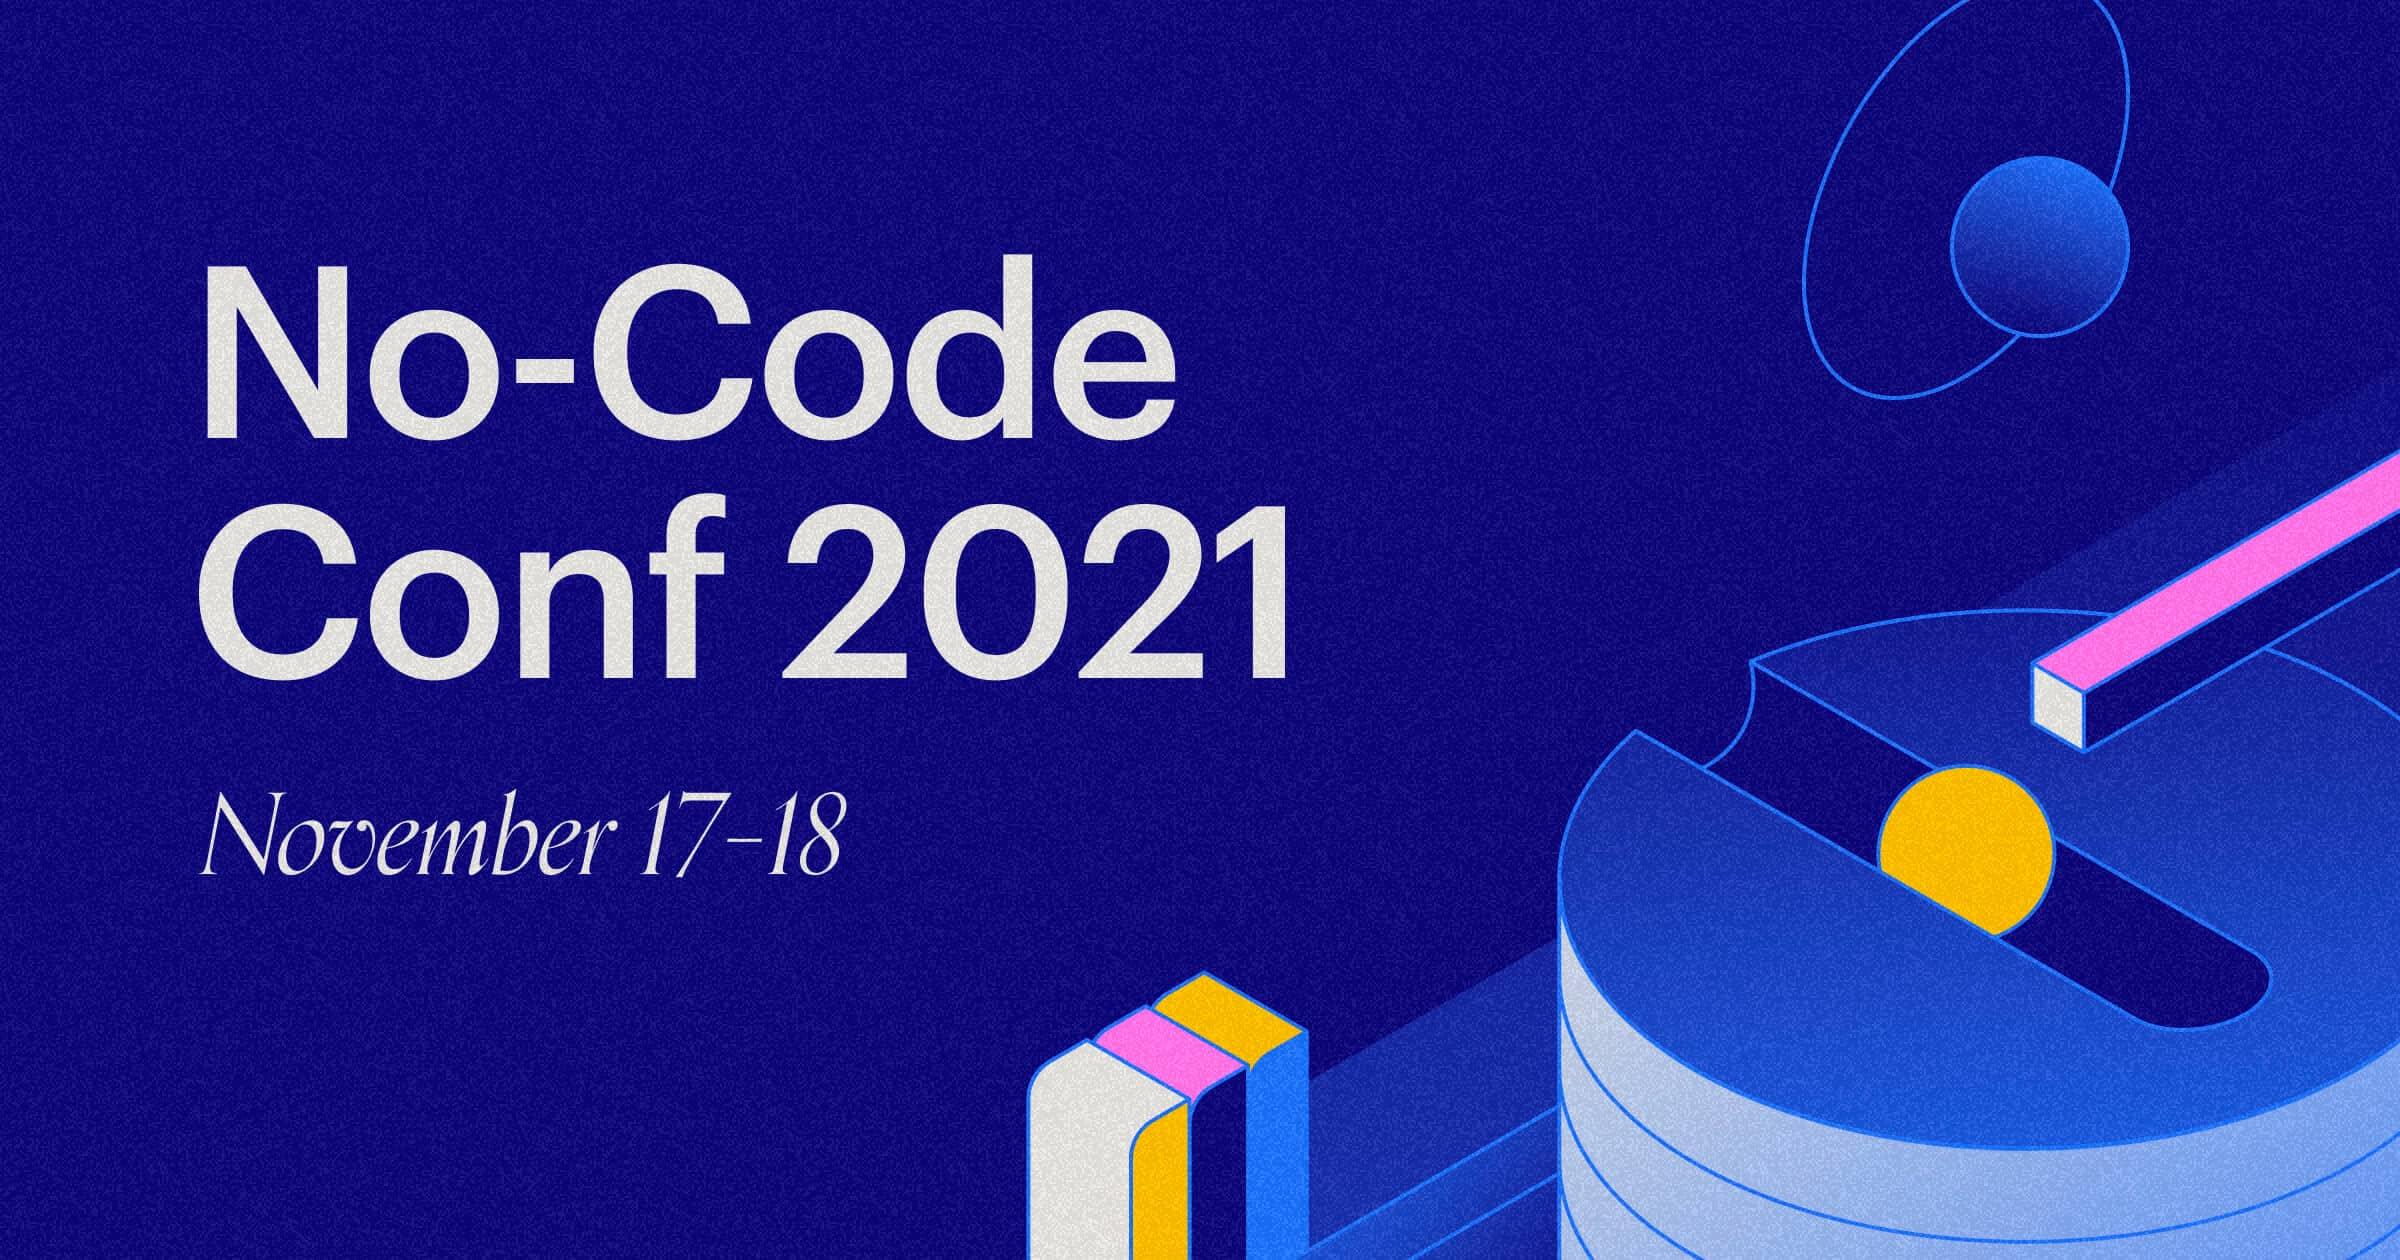 No-Code Conf 2021